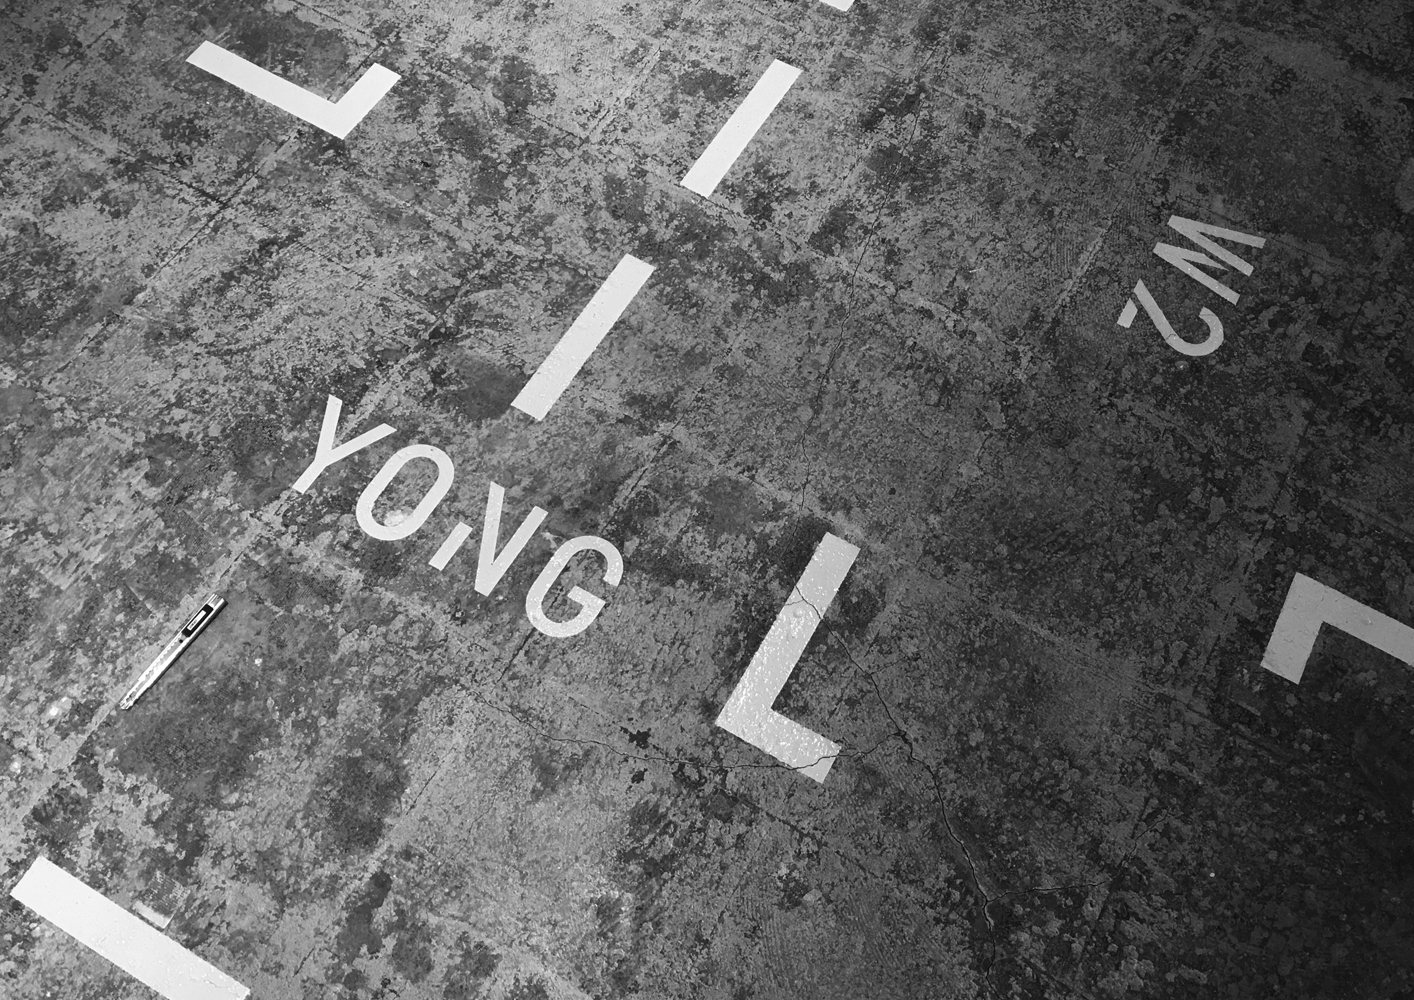 hok_web_yong_03